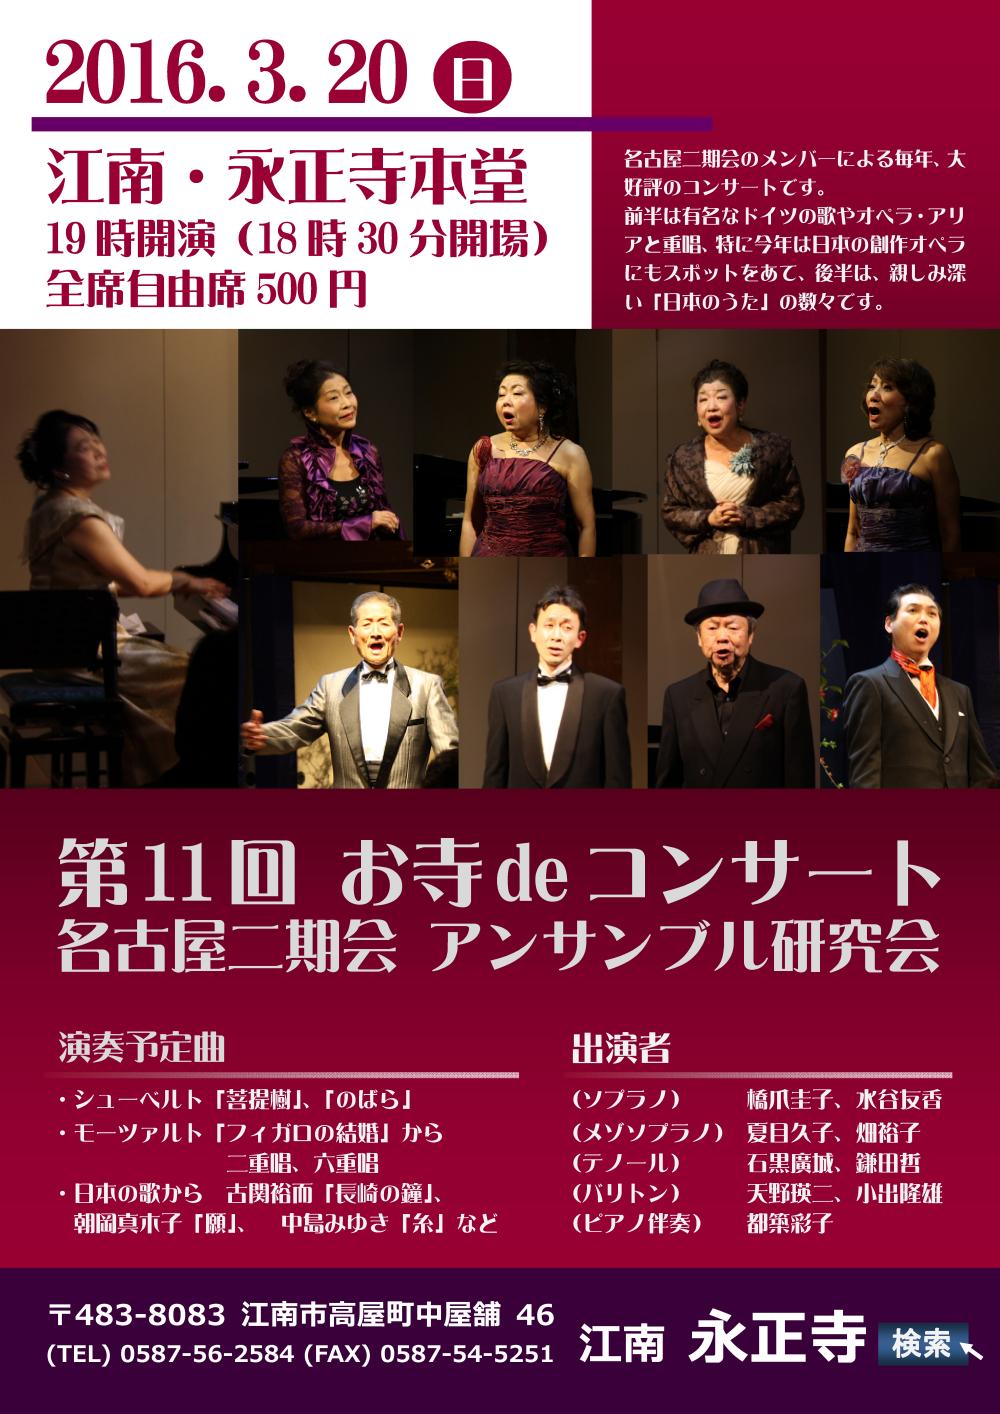 お寺deコンサート2016